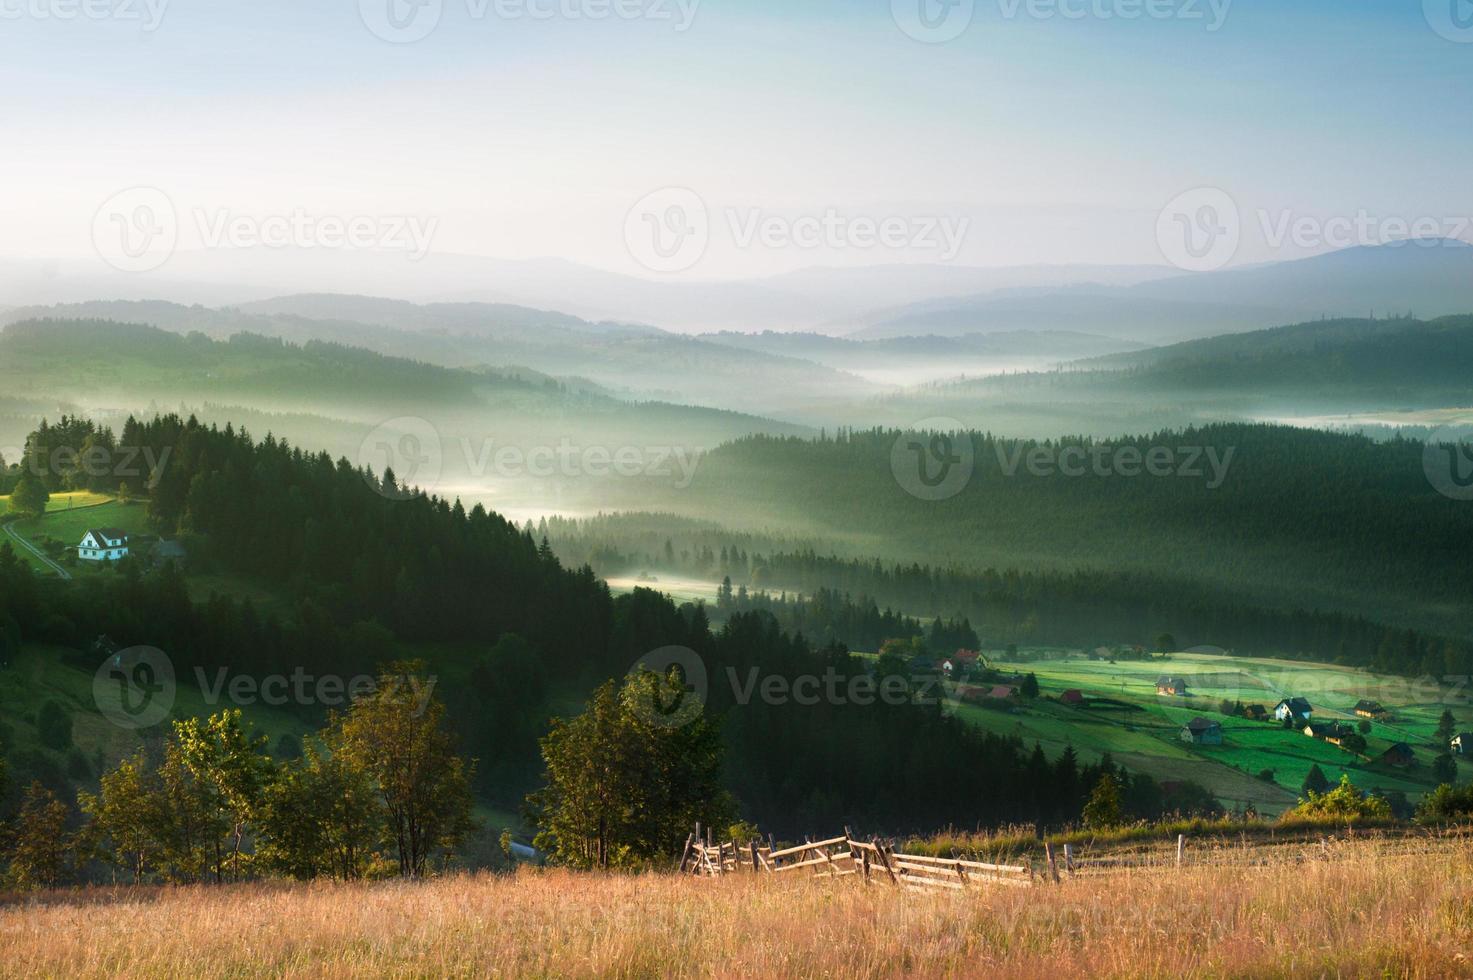 mattina nebbiosa scenica nel paesaggio delle montagne foto